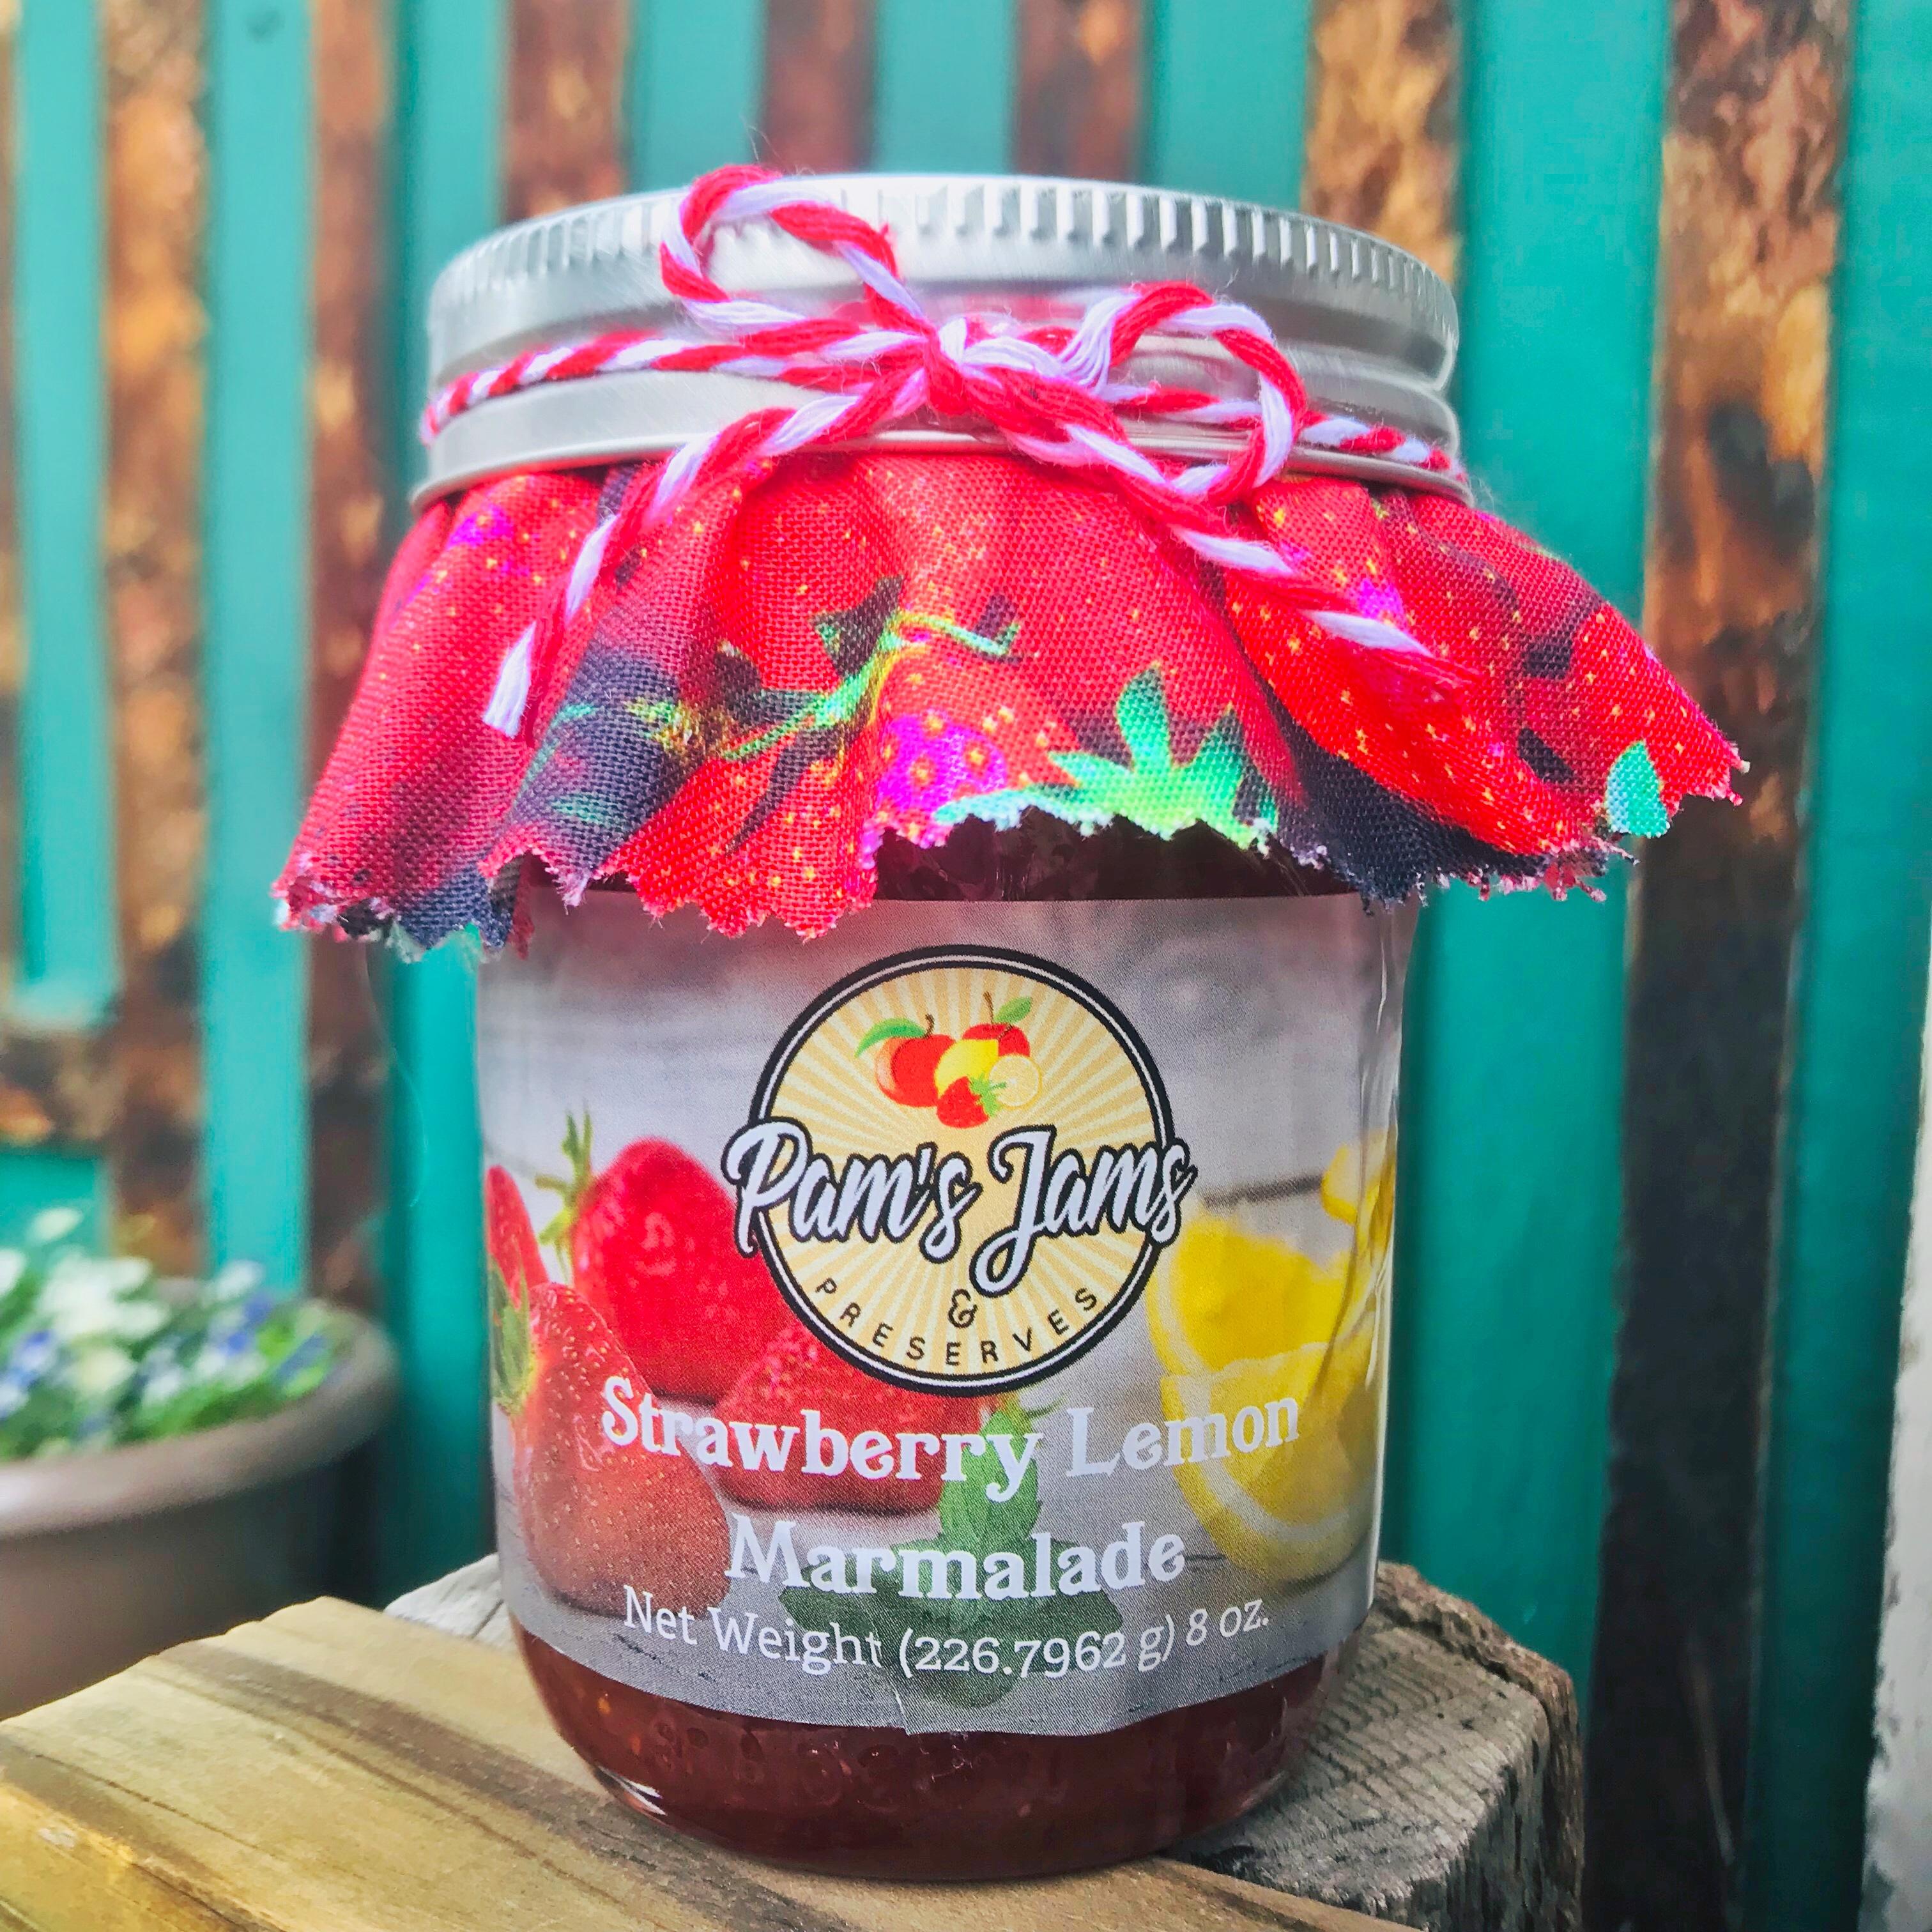 Pams-Jams-Strawberry-Lemon